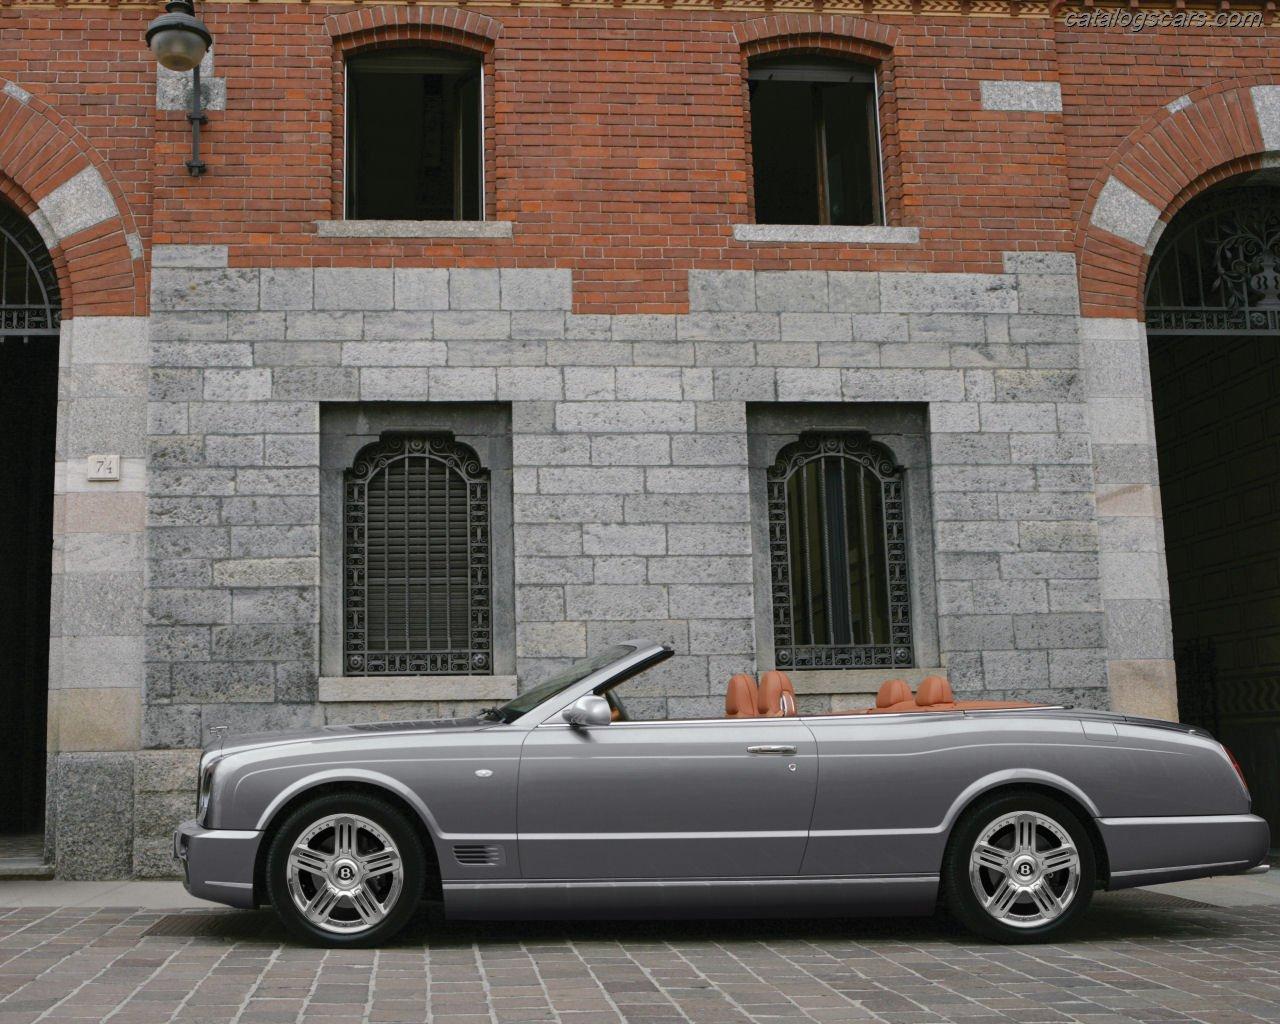 صور سيارة بنتلى ازور 2014 - اجمل خلفيات صور عربية بنتلى ازور 2014 - Bentley Azure Photos Bentley-Azure-2011-06.jpg